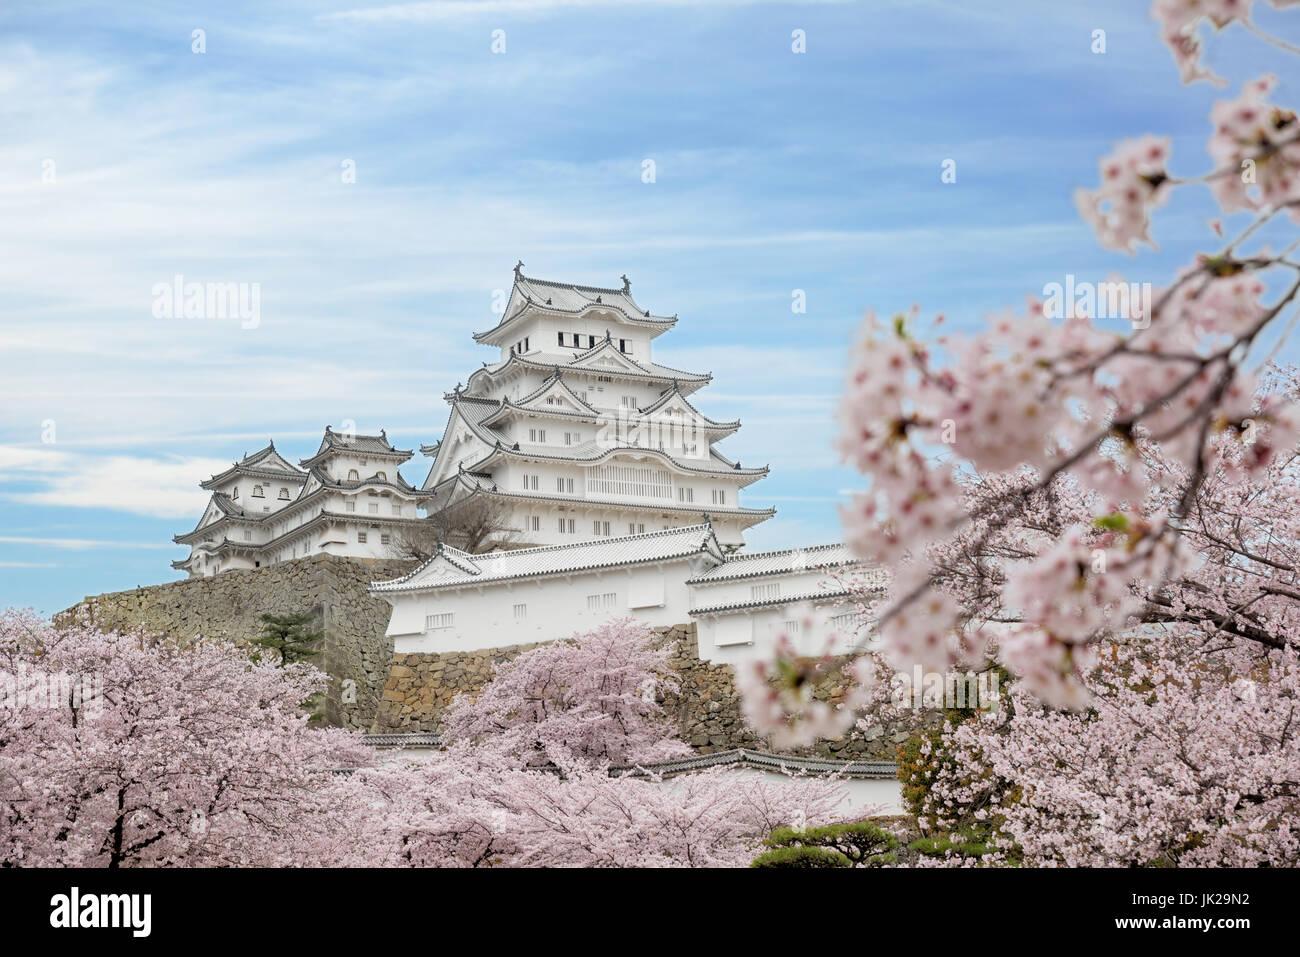 Fleur de cerisier fleurs et château de Himeji à Himeji, préfecture de Hyogo, Japon Photo Stock